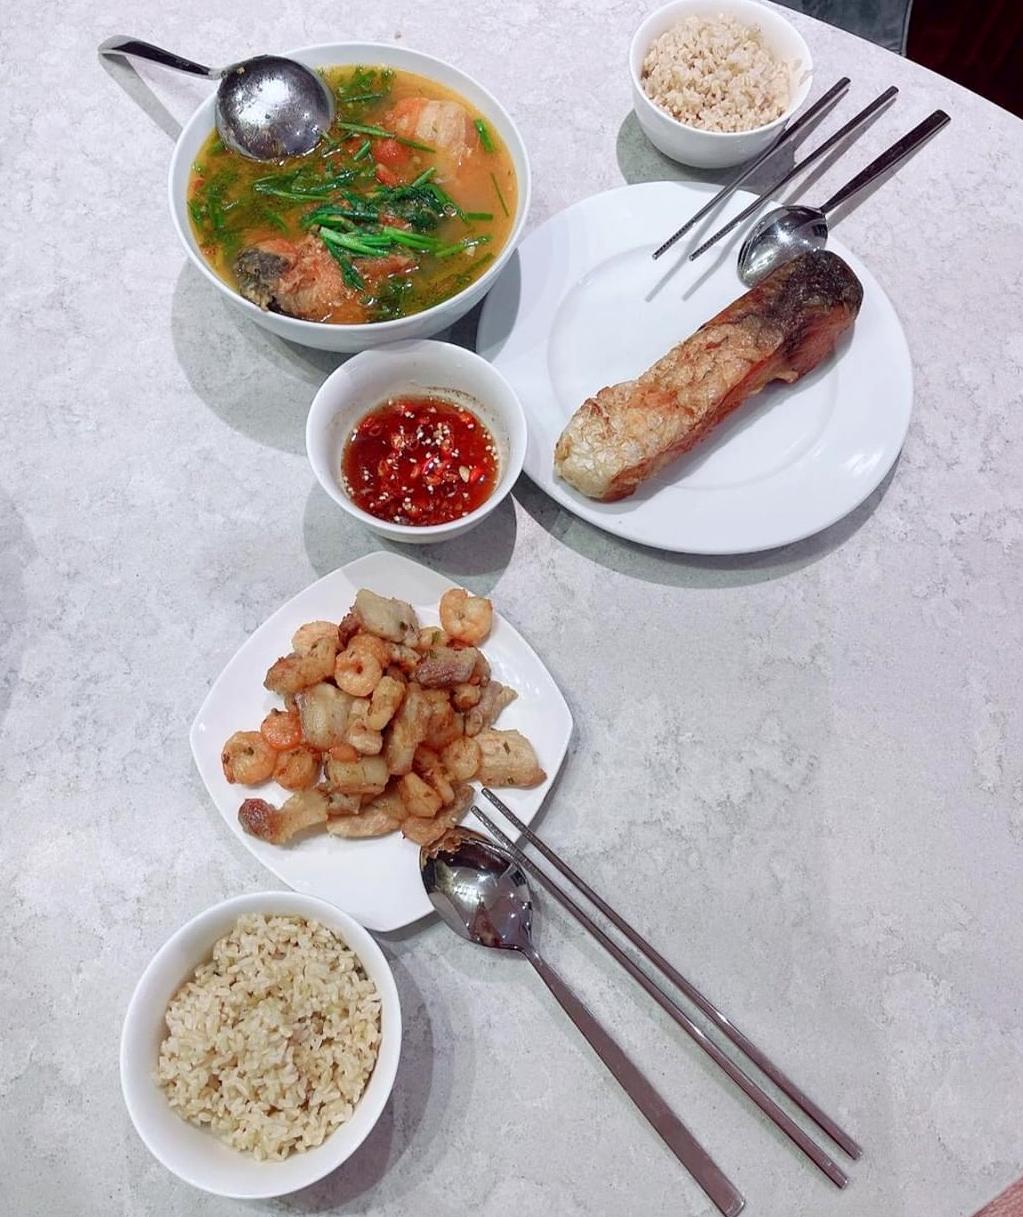 [Caption] cá rán canh chua cá, tôm thịt cháy canh, cơm gạo lức